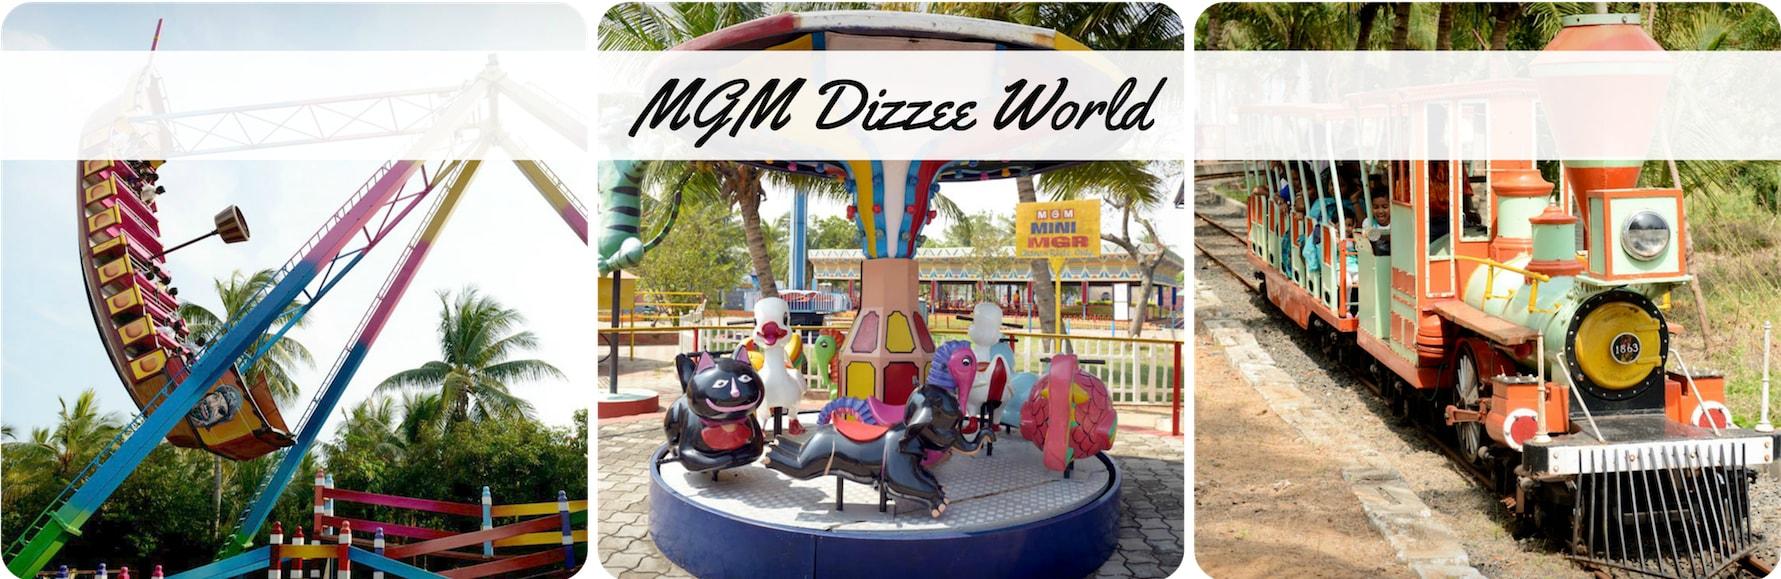 MGM Dizzee World.jpg